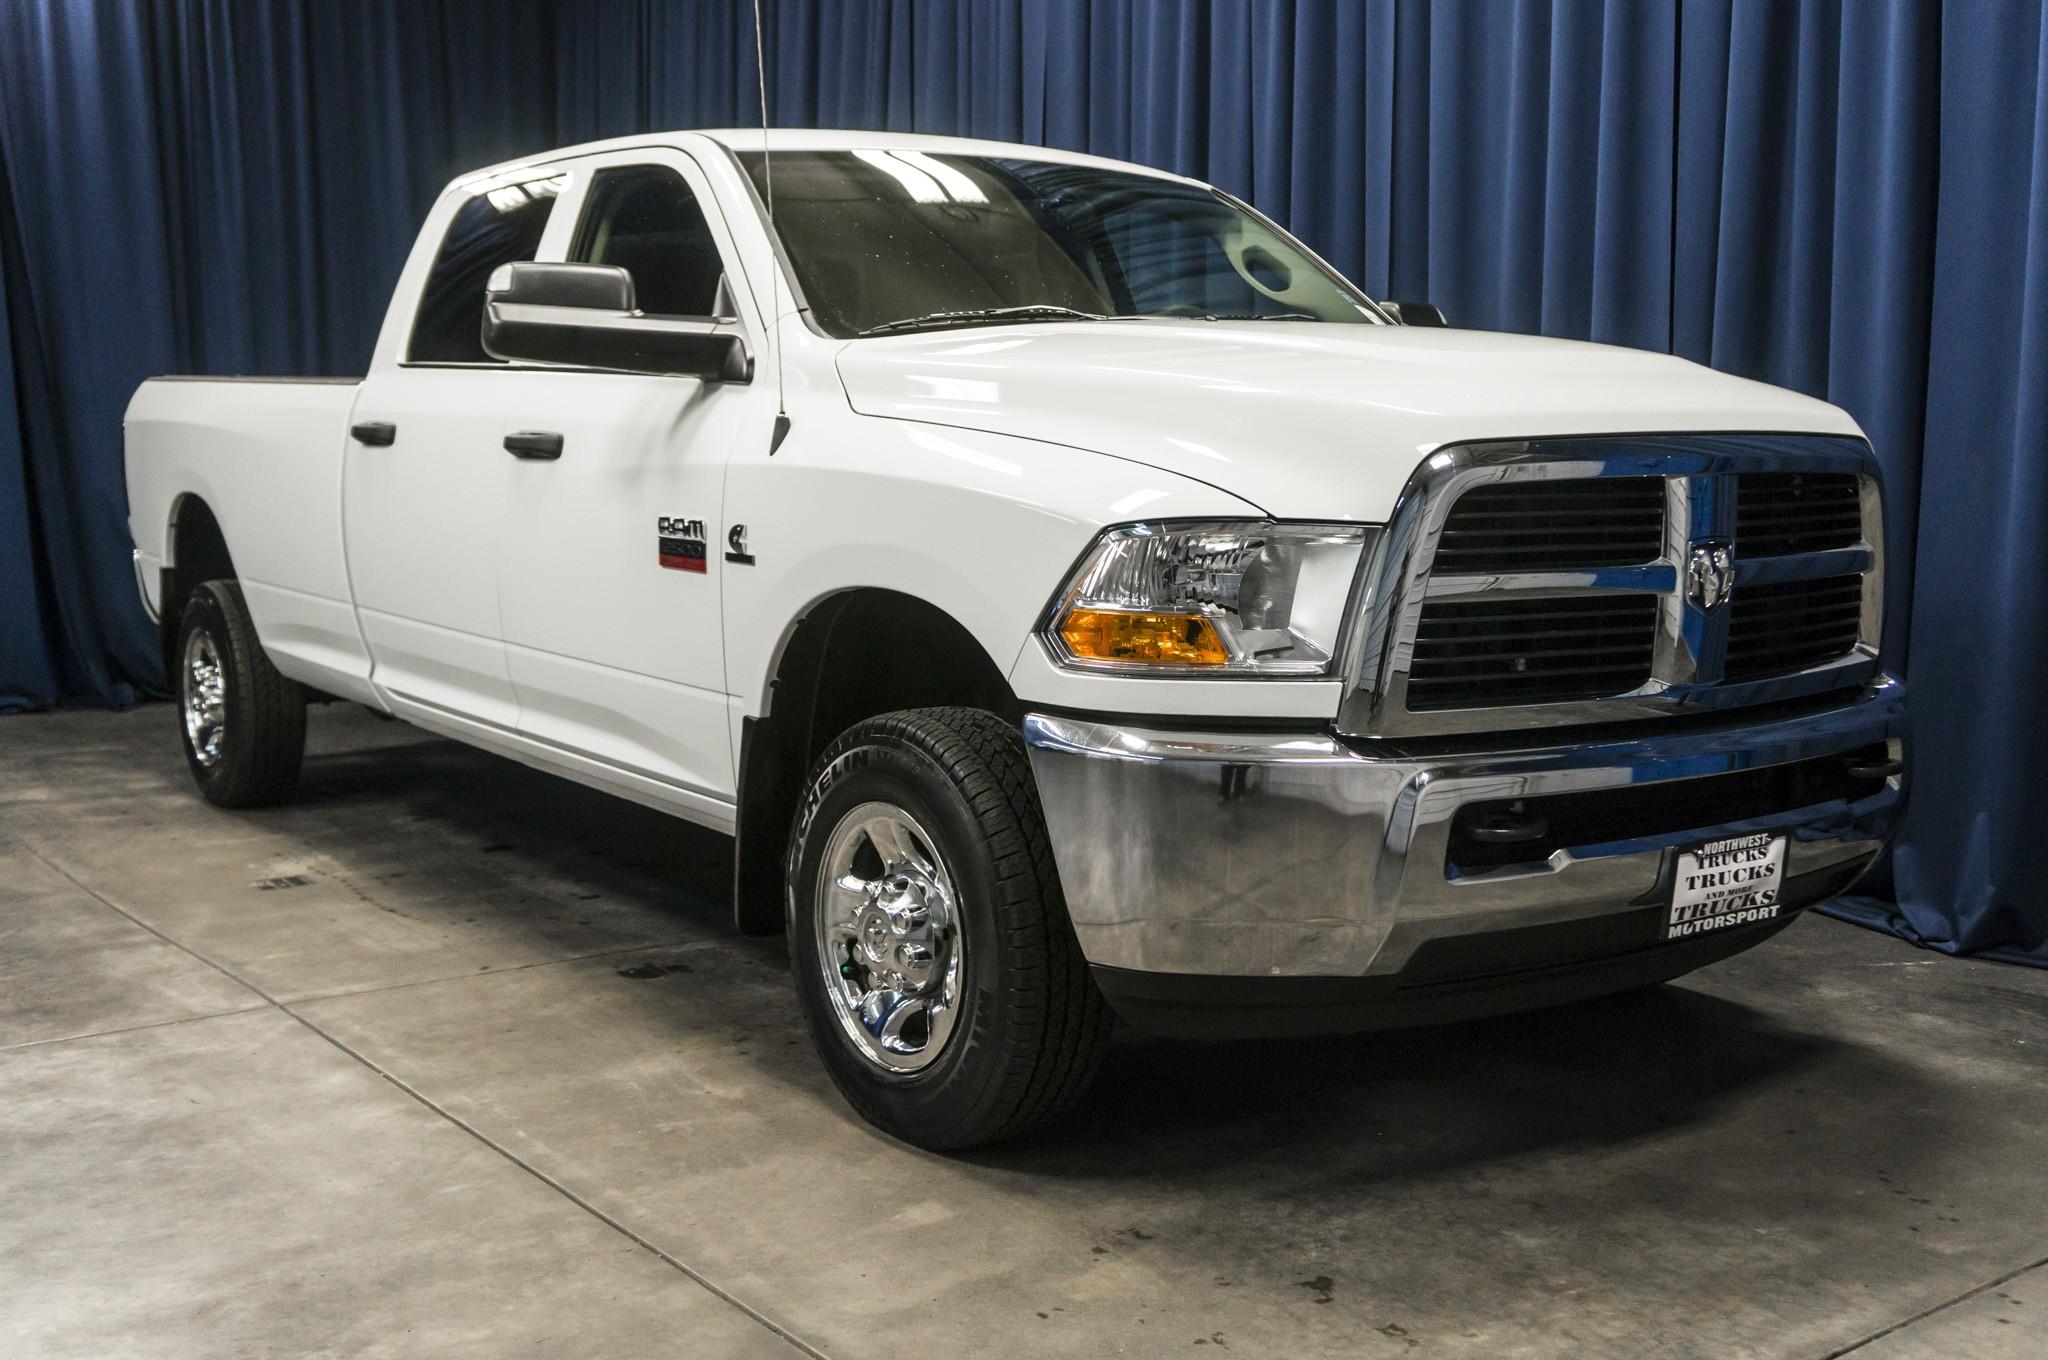 used 2012 dodge ram 2500 4x4 diesel truck for sale 38077. Black Bedroom Furniture Sets. Home Design Ideas